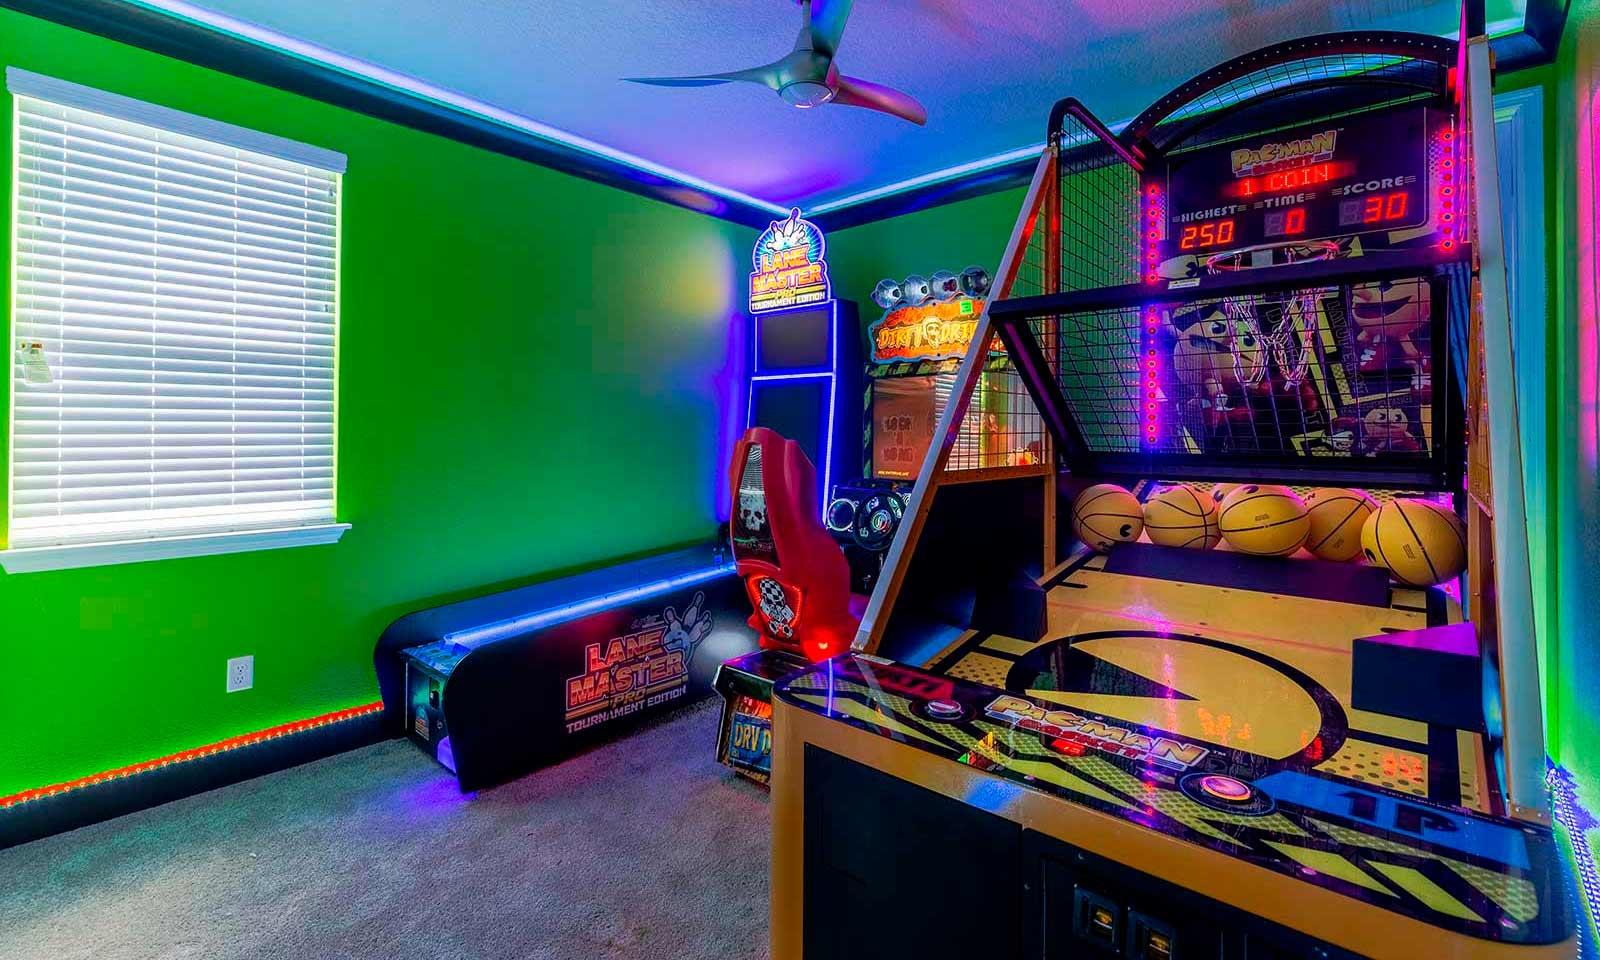 [amenities:Arcade-Games:2] Arcade Games